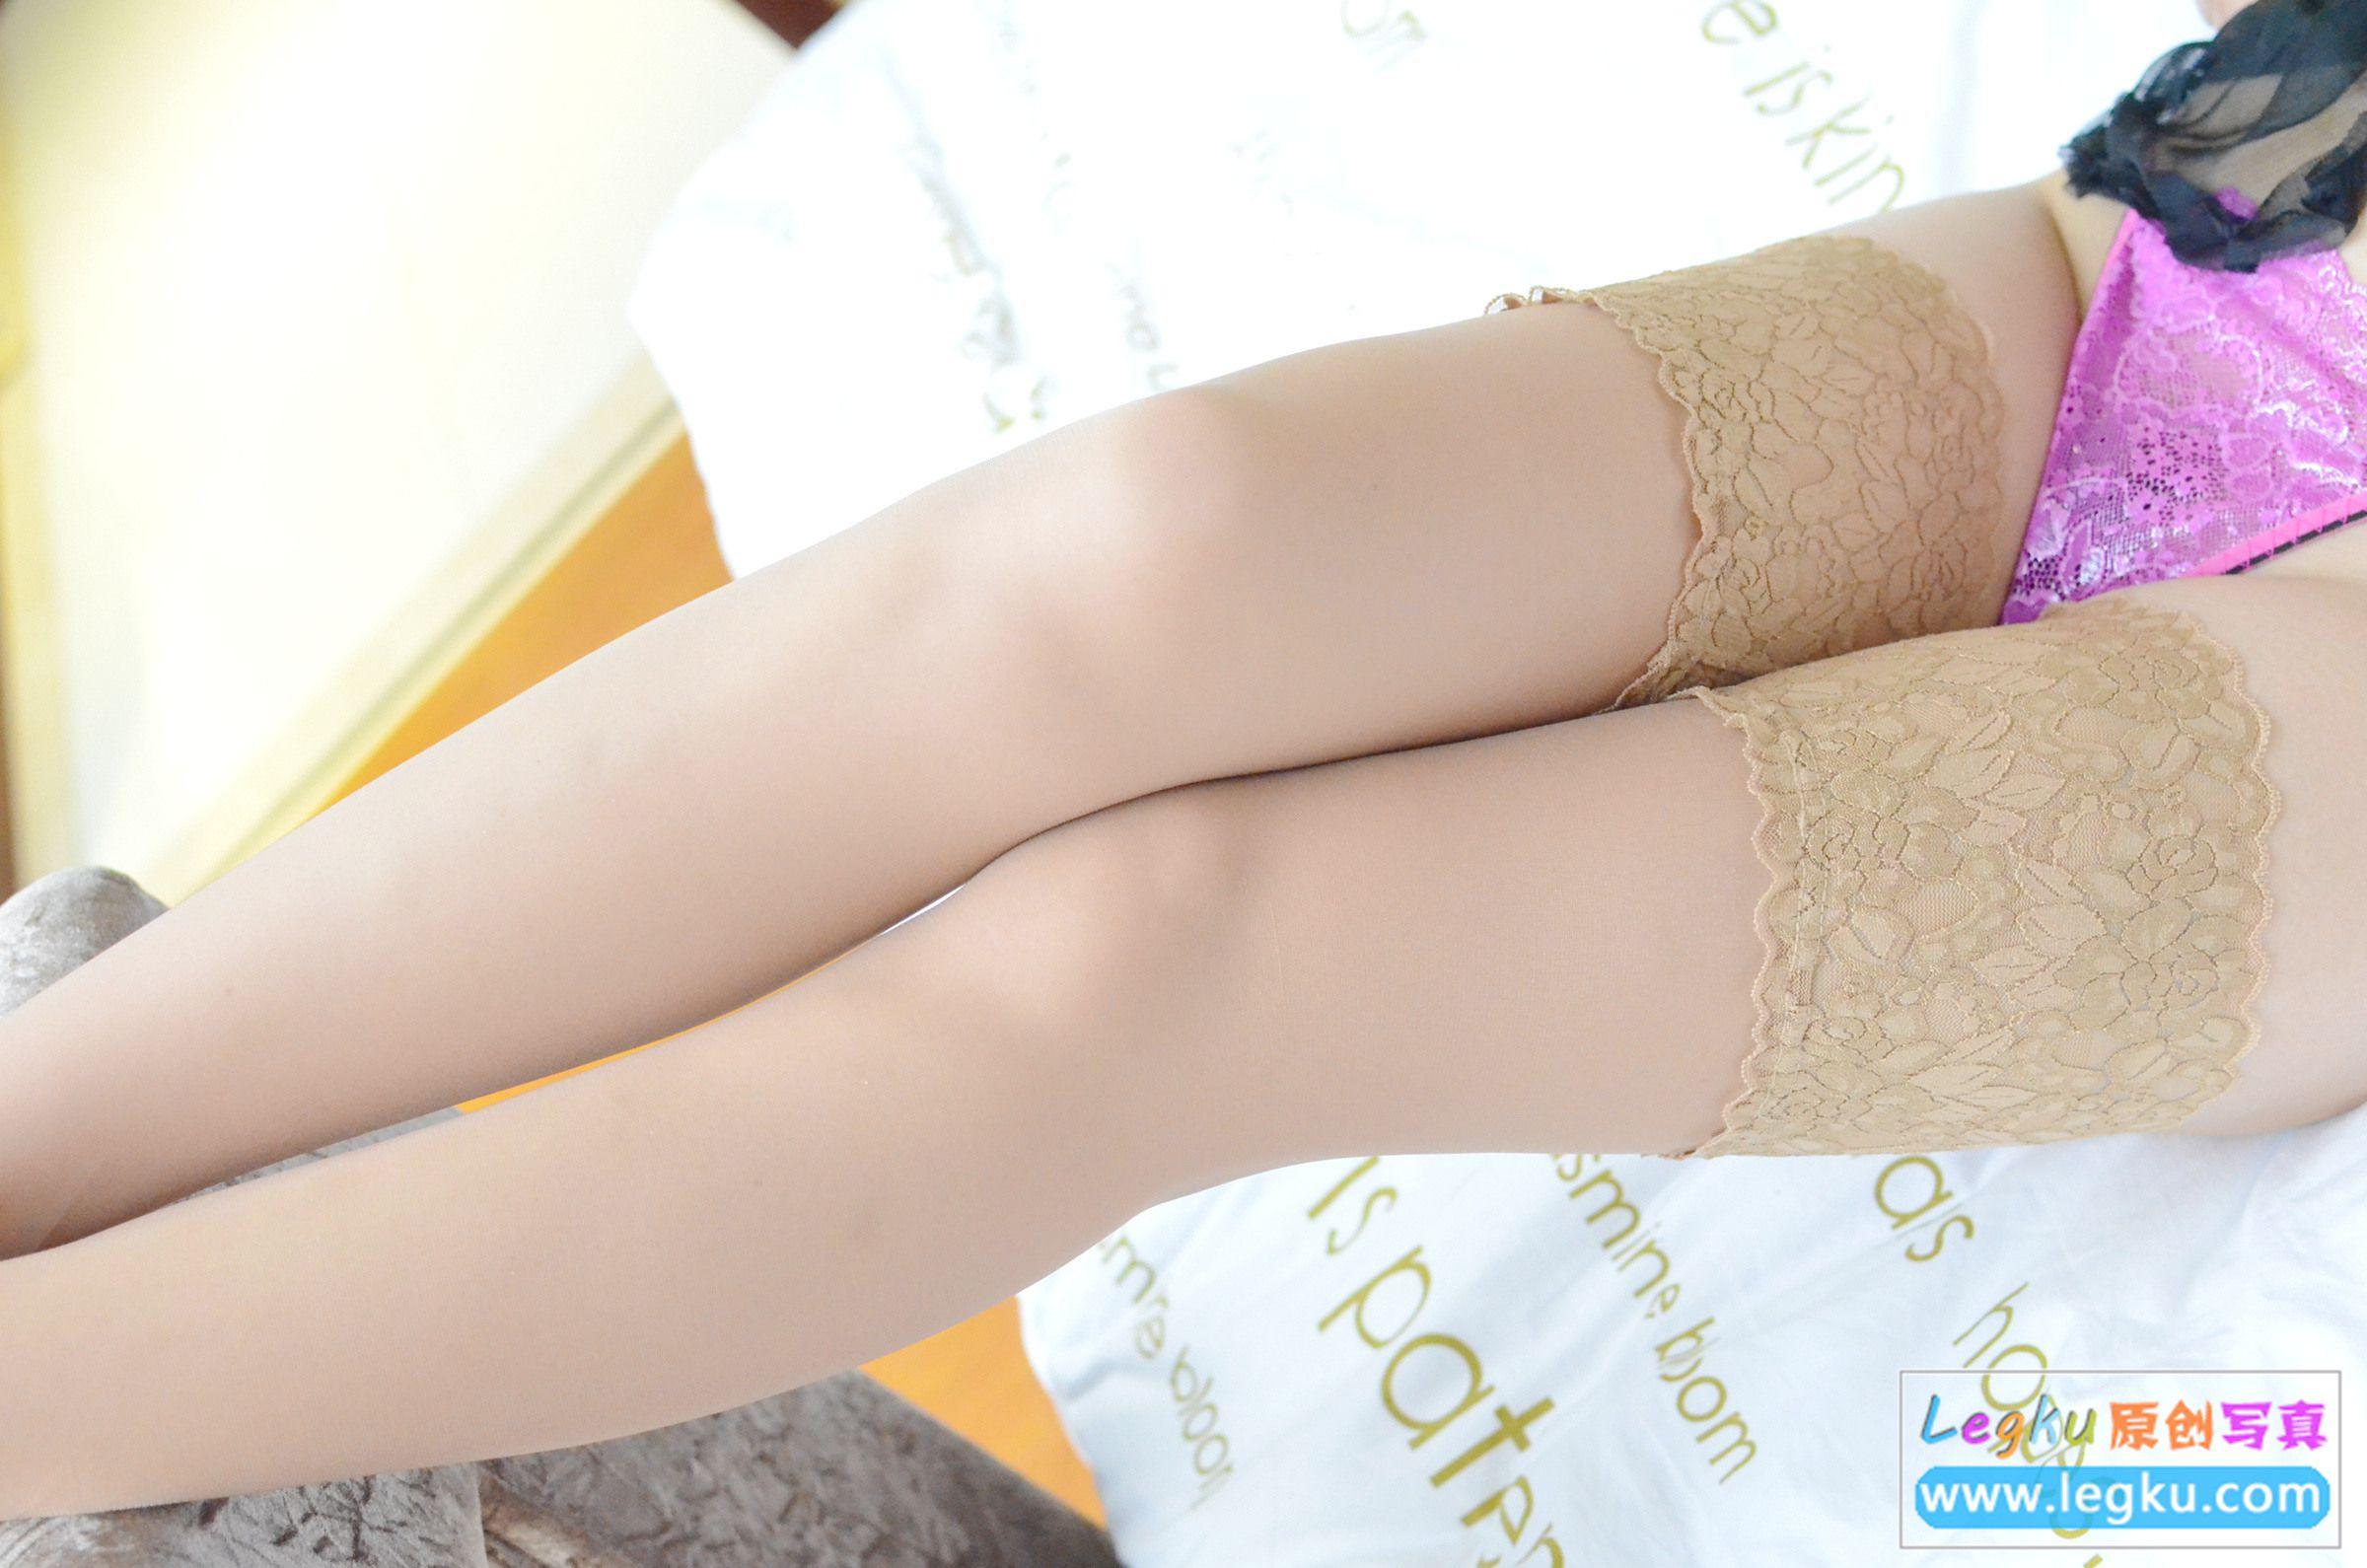 肉丝袜美腿丝足 写真套图